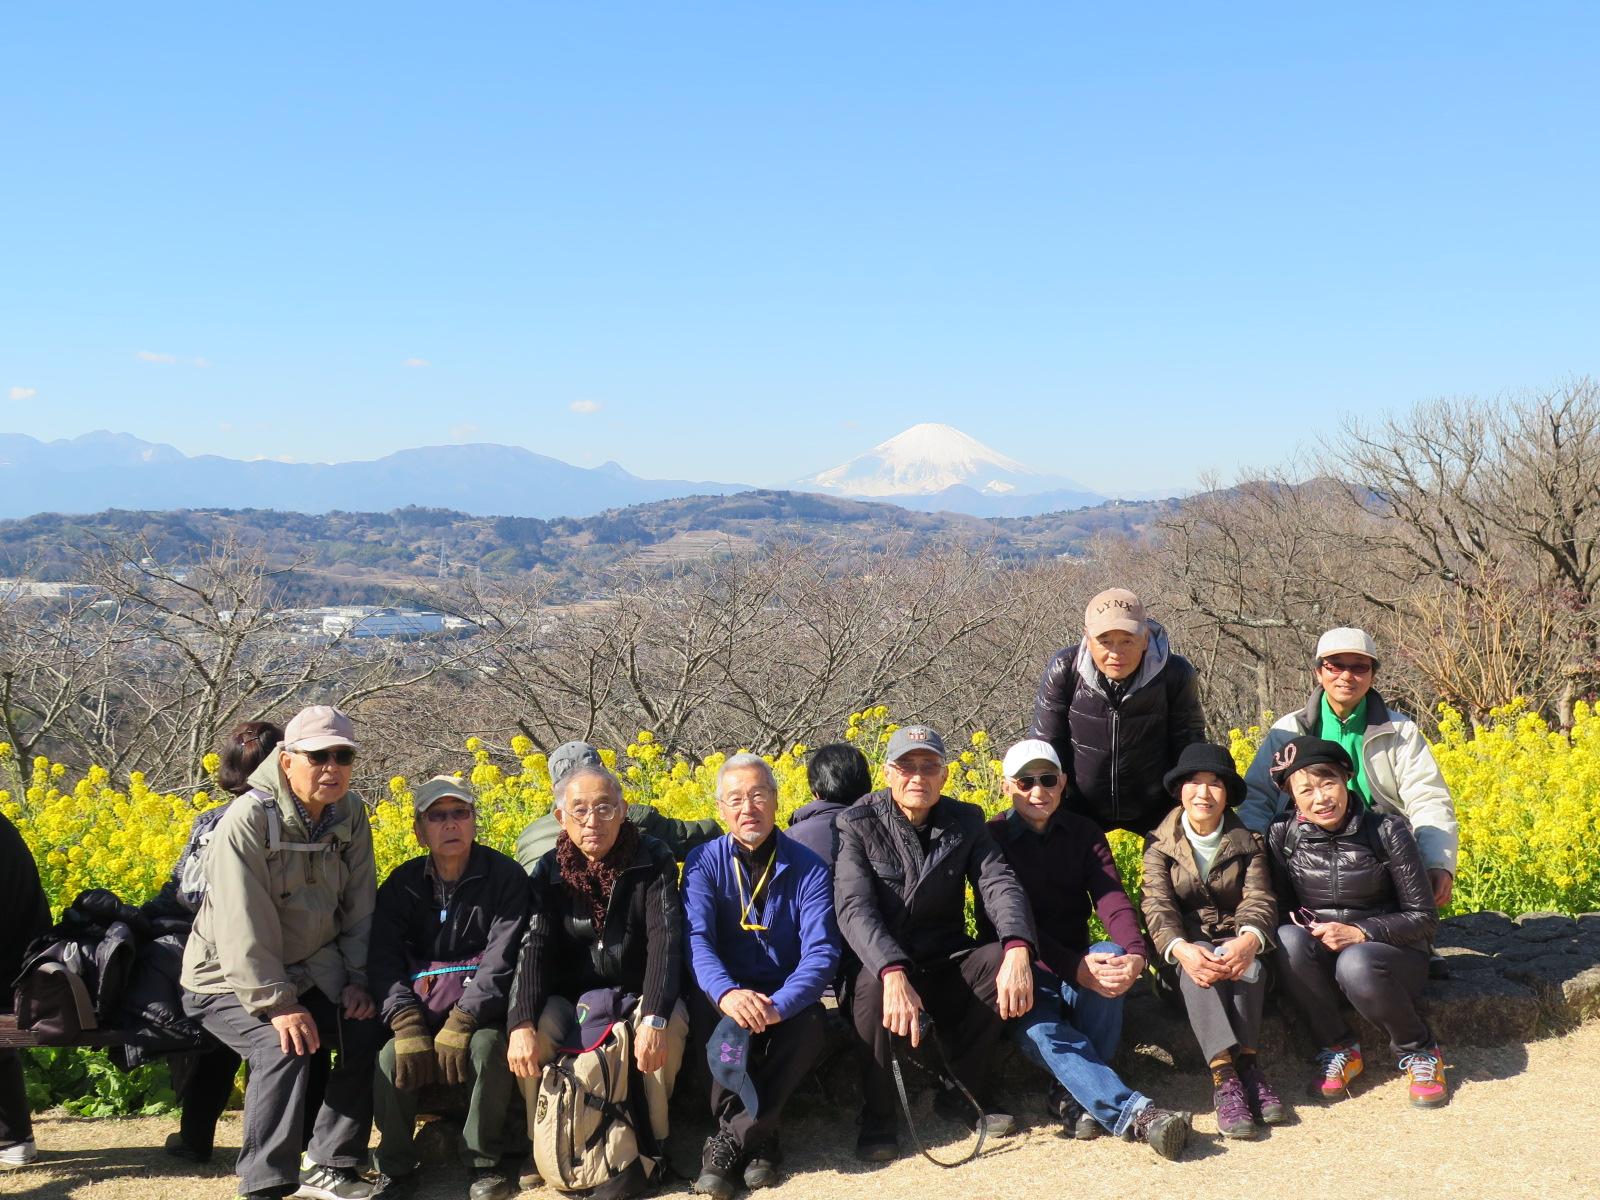 二宮 吾妻山山頂の菜の花と霊峰富士